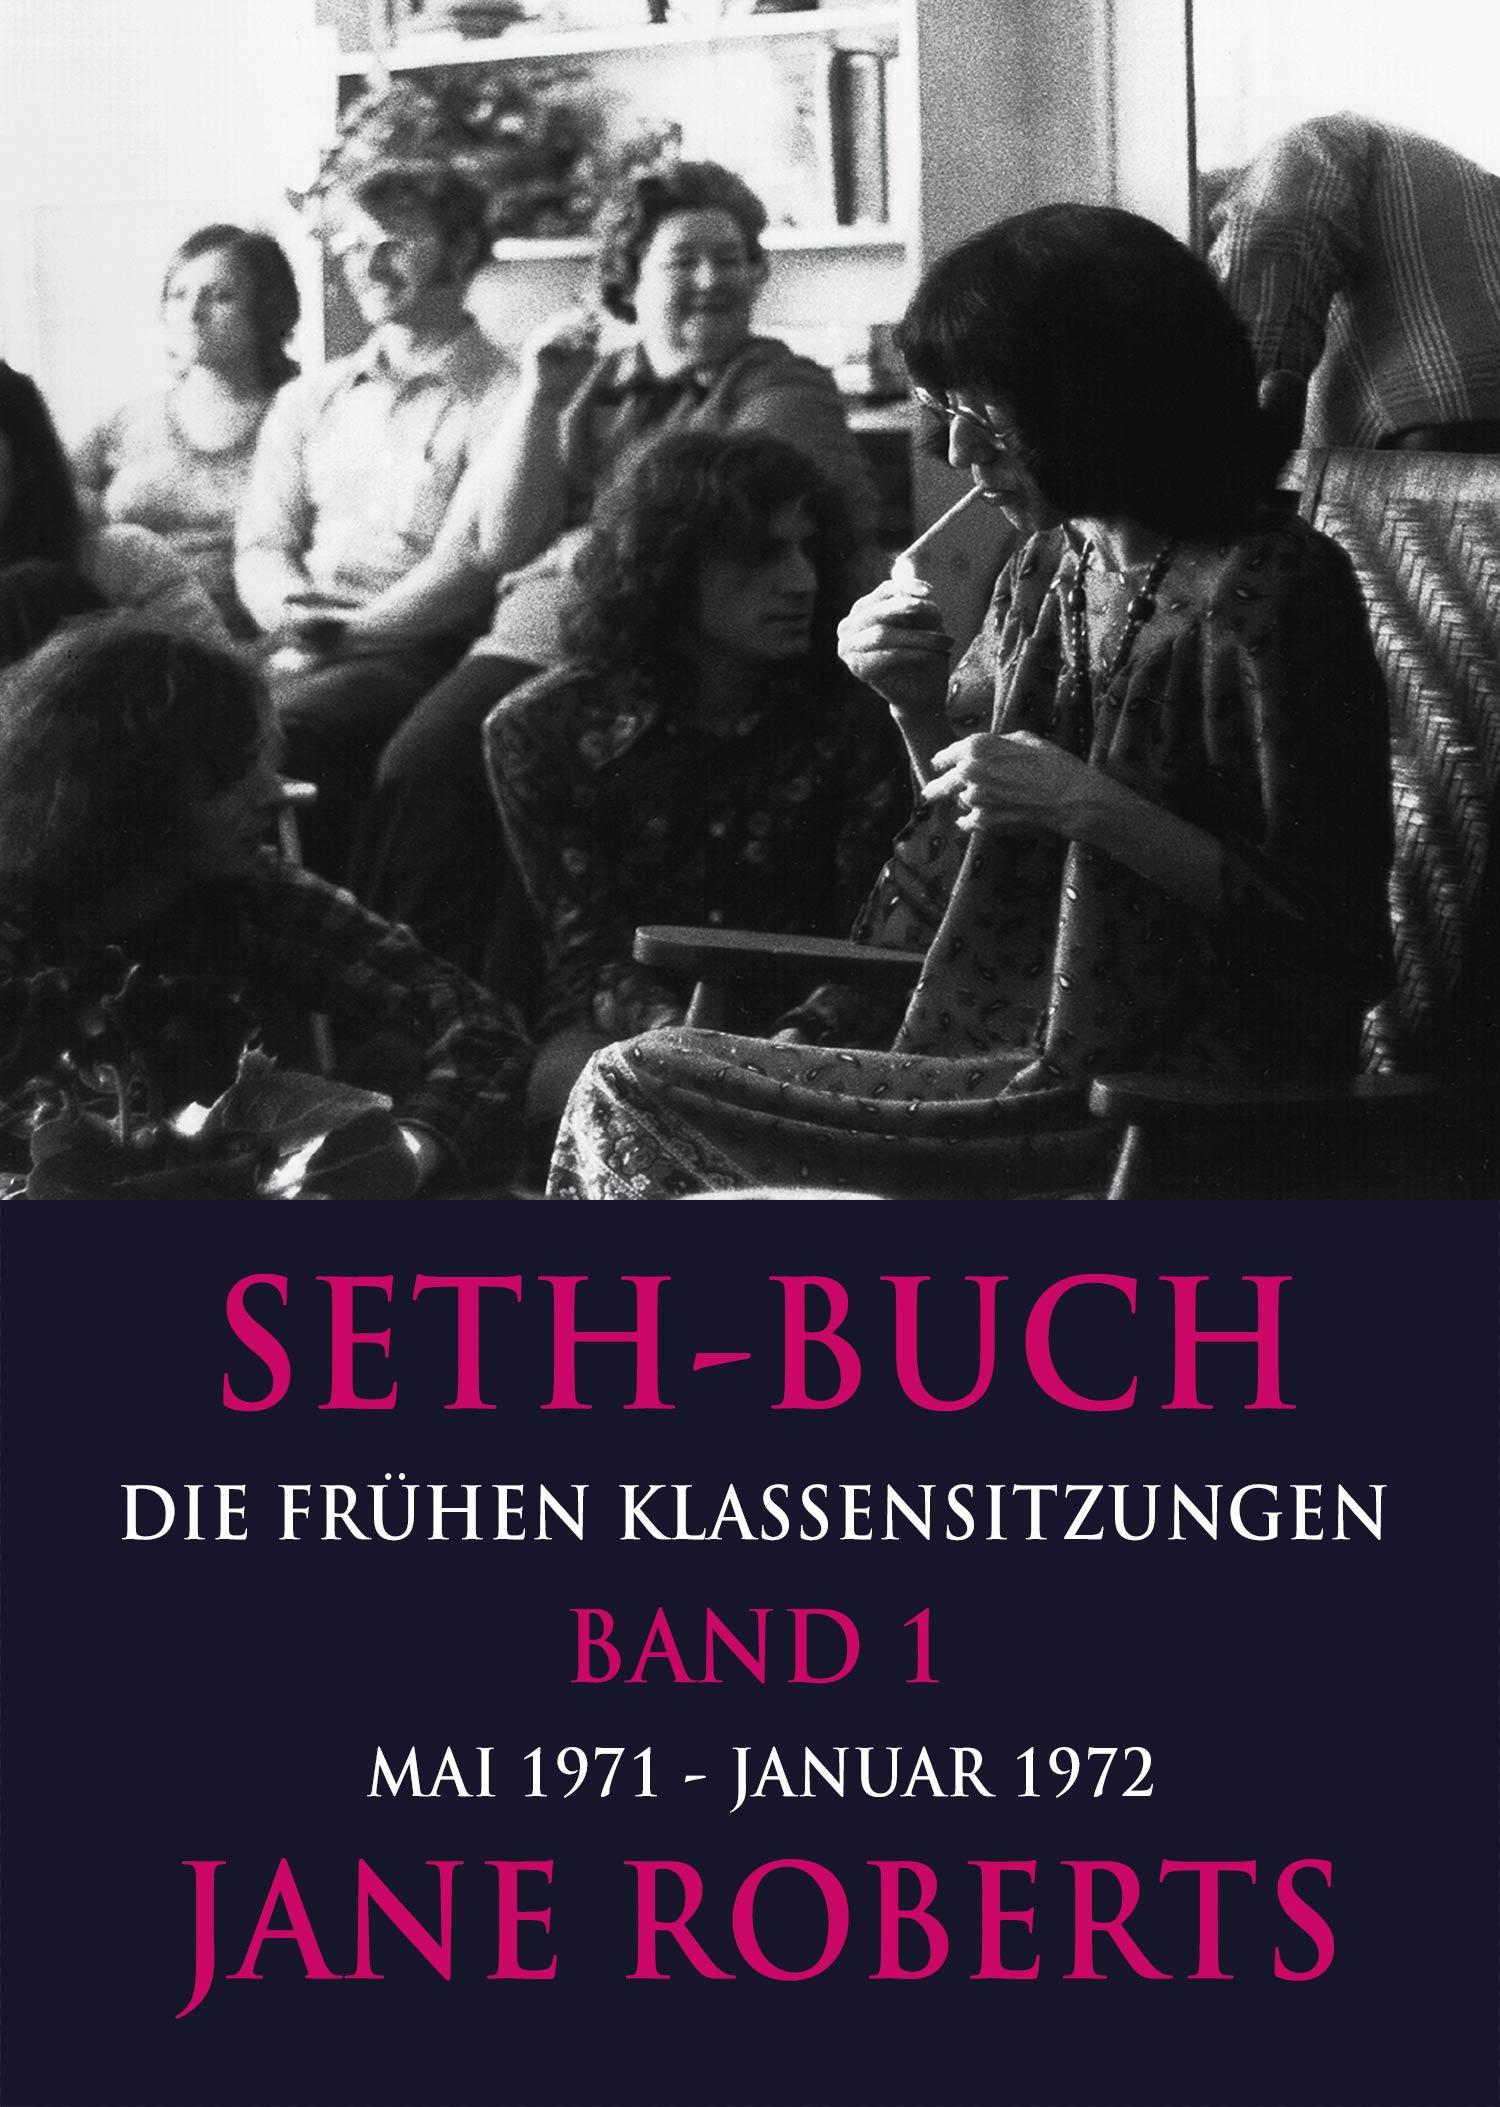 seth-verlag-buecher-die-frühen-klassensitzungen-band-1.jpg